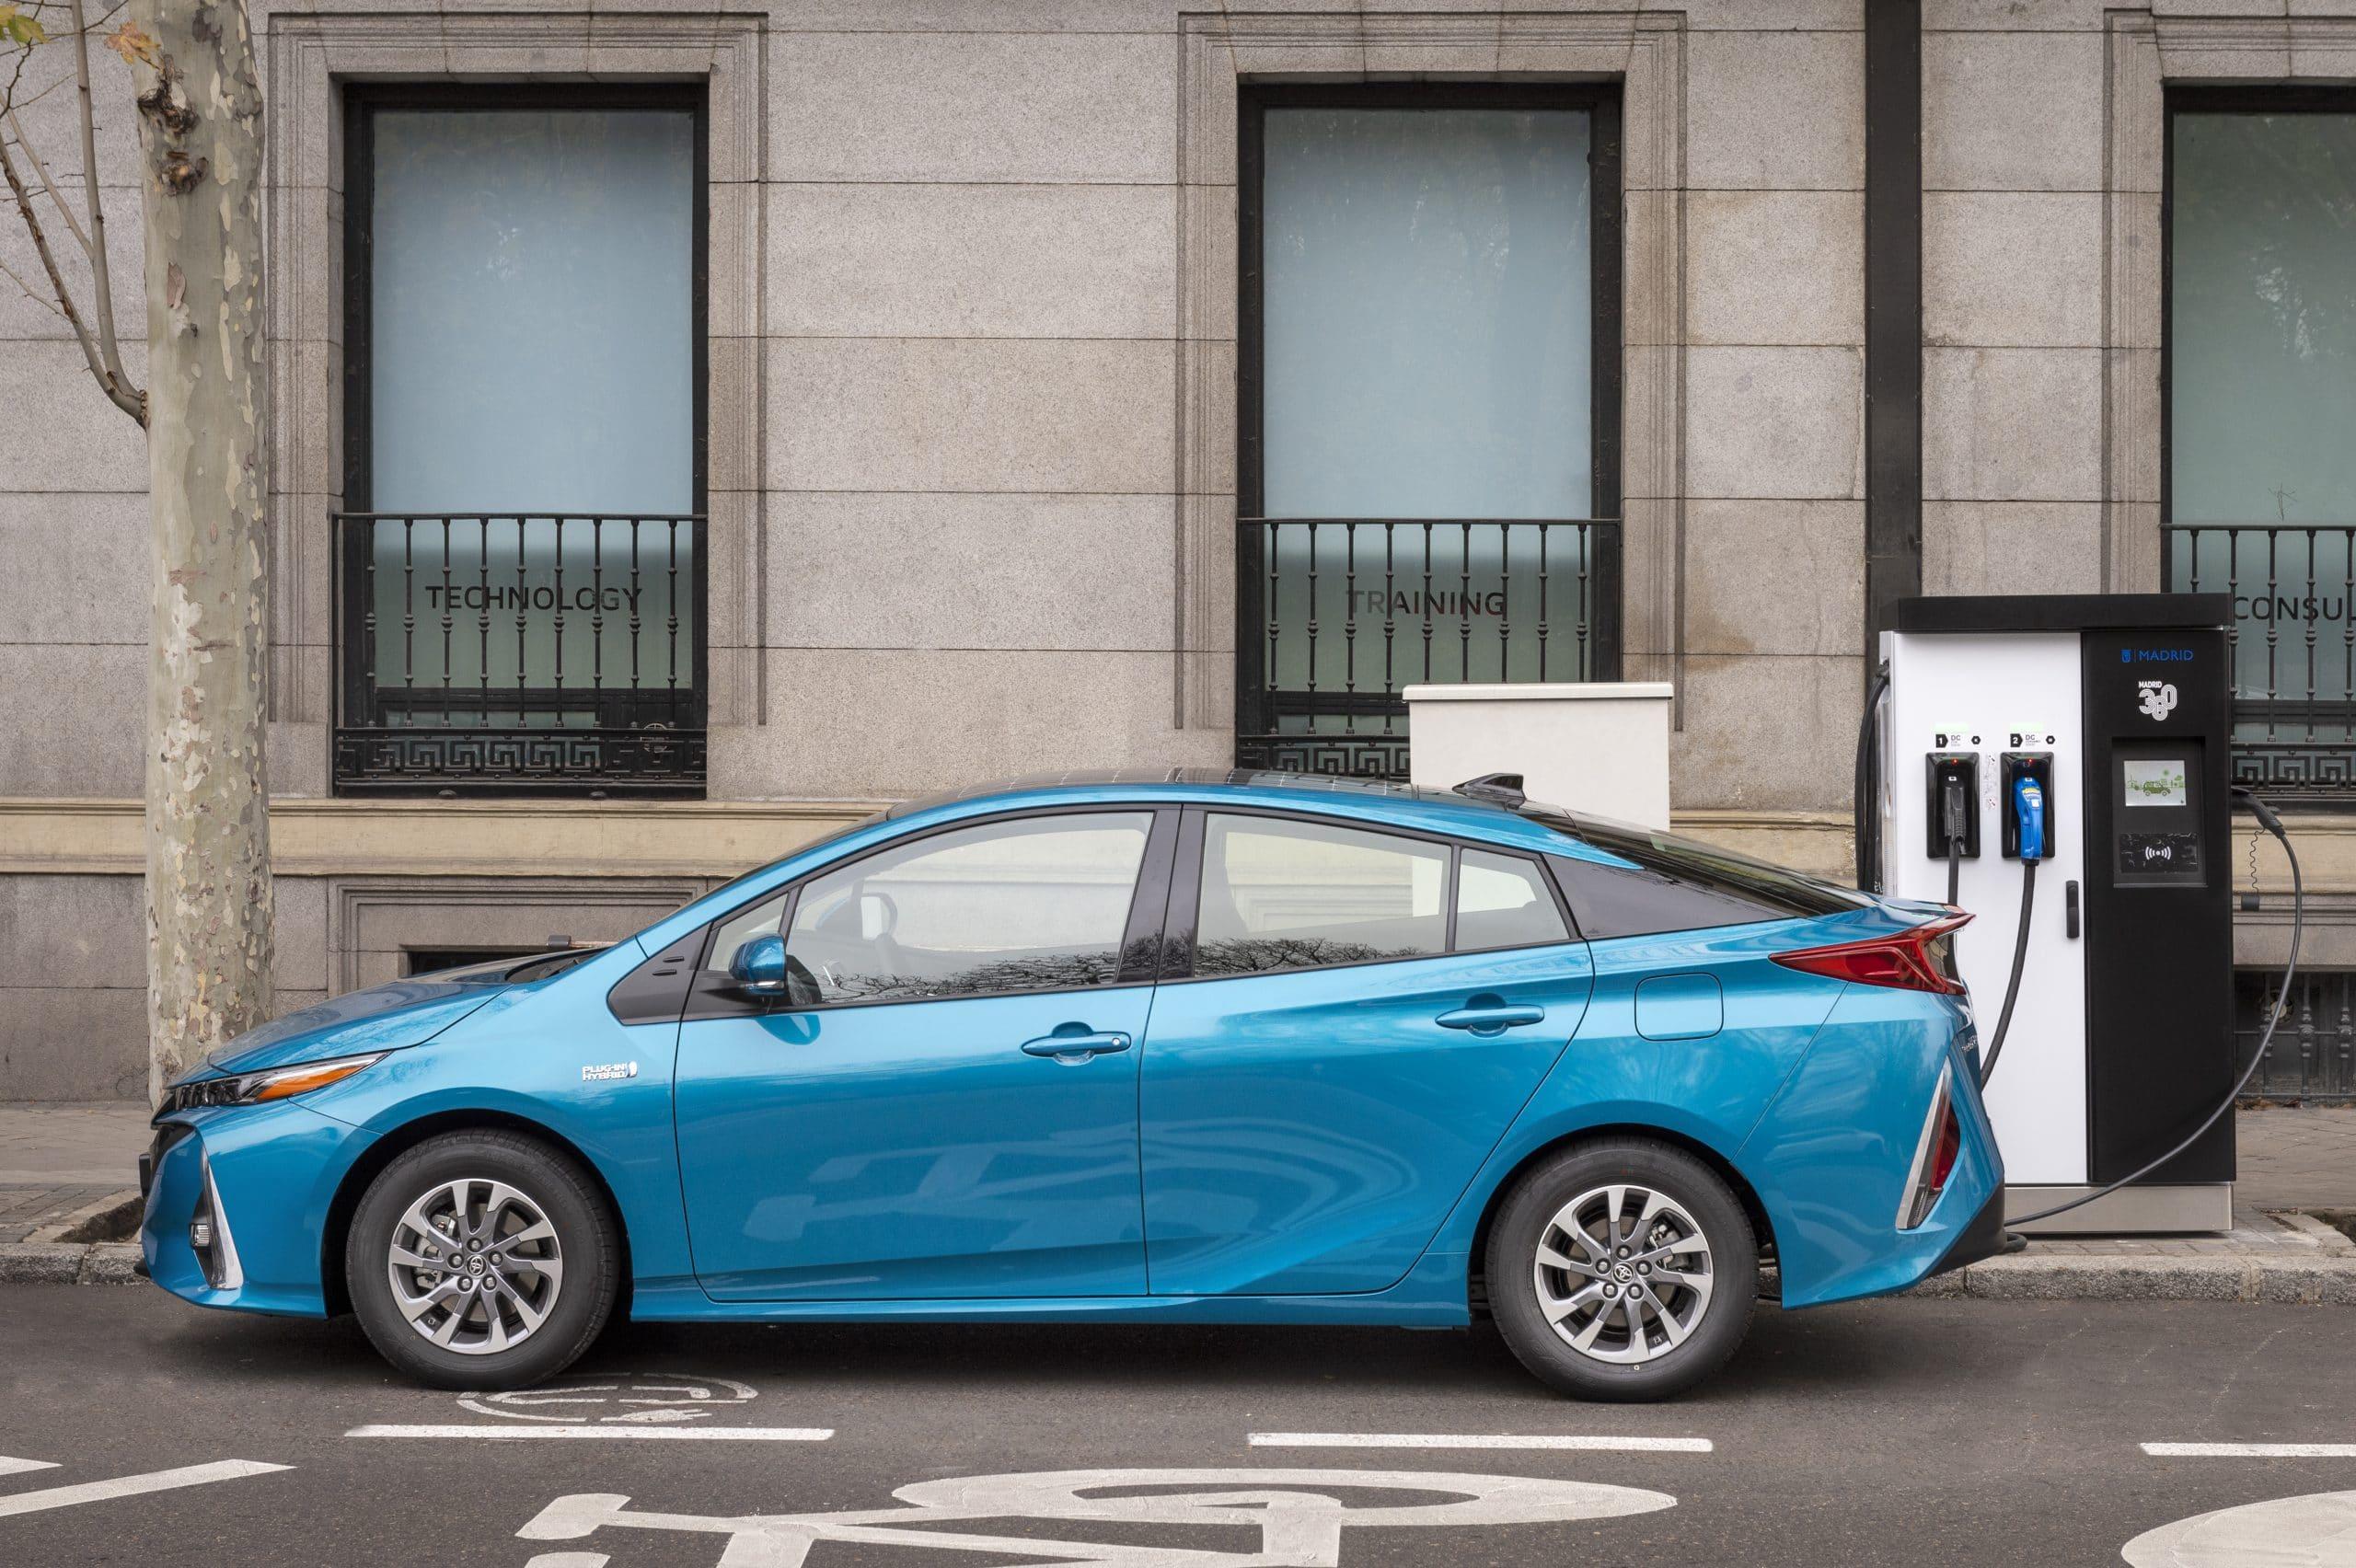 ¿Cómo se enchufa un coche eléctrico?